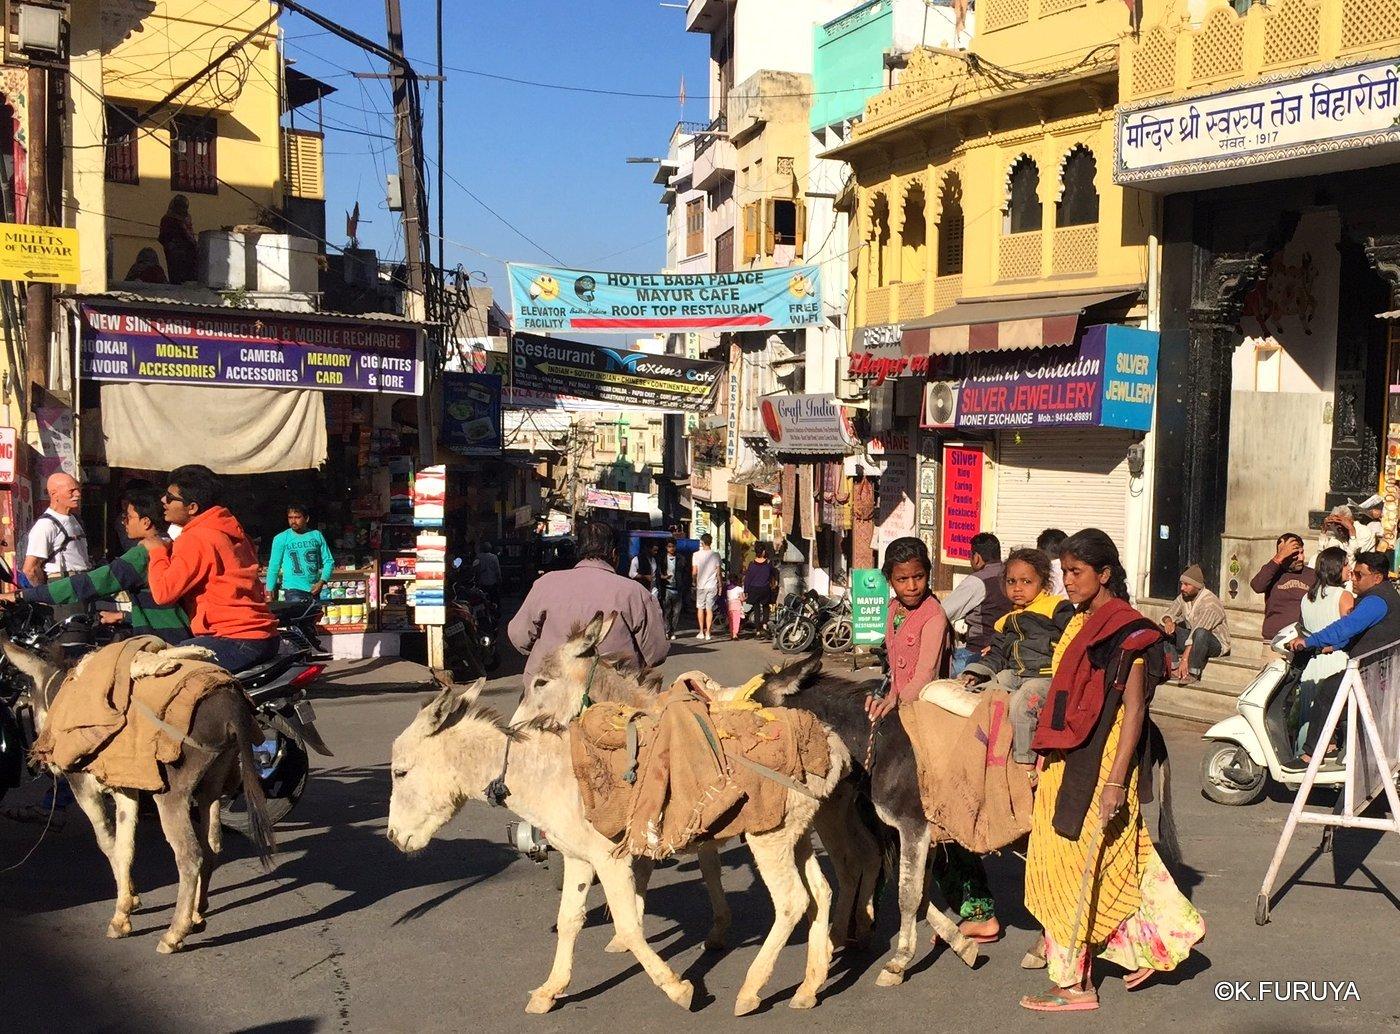 インド・ラジャスタンの旅 16 ウダイプールひとり歩き_a0092659_20044569.jpg